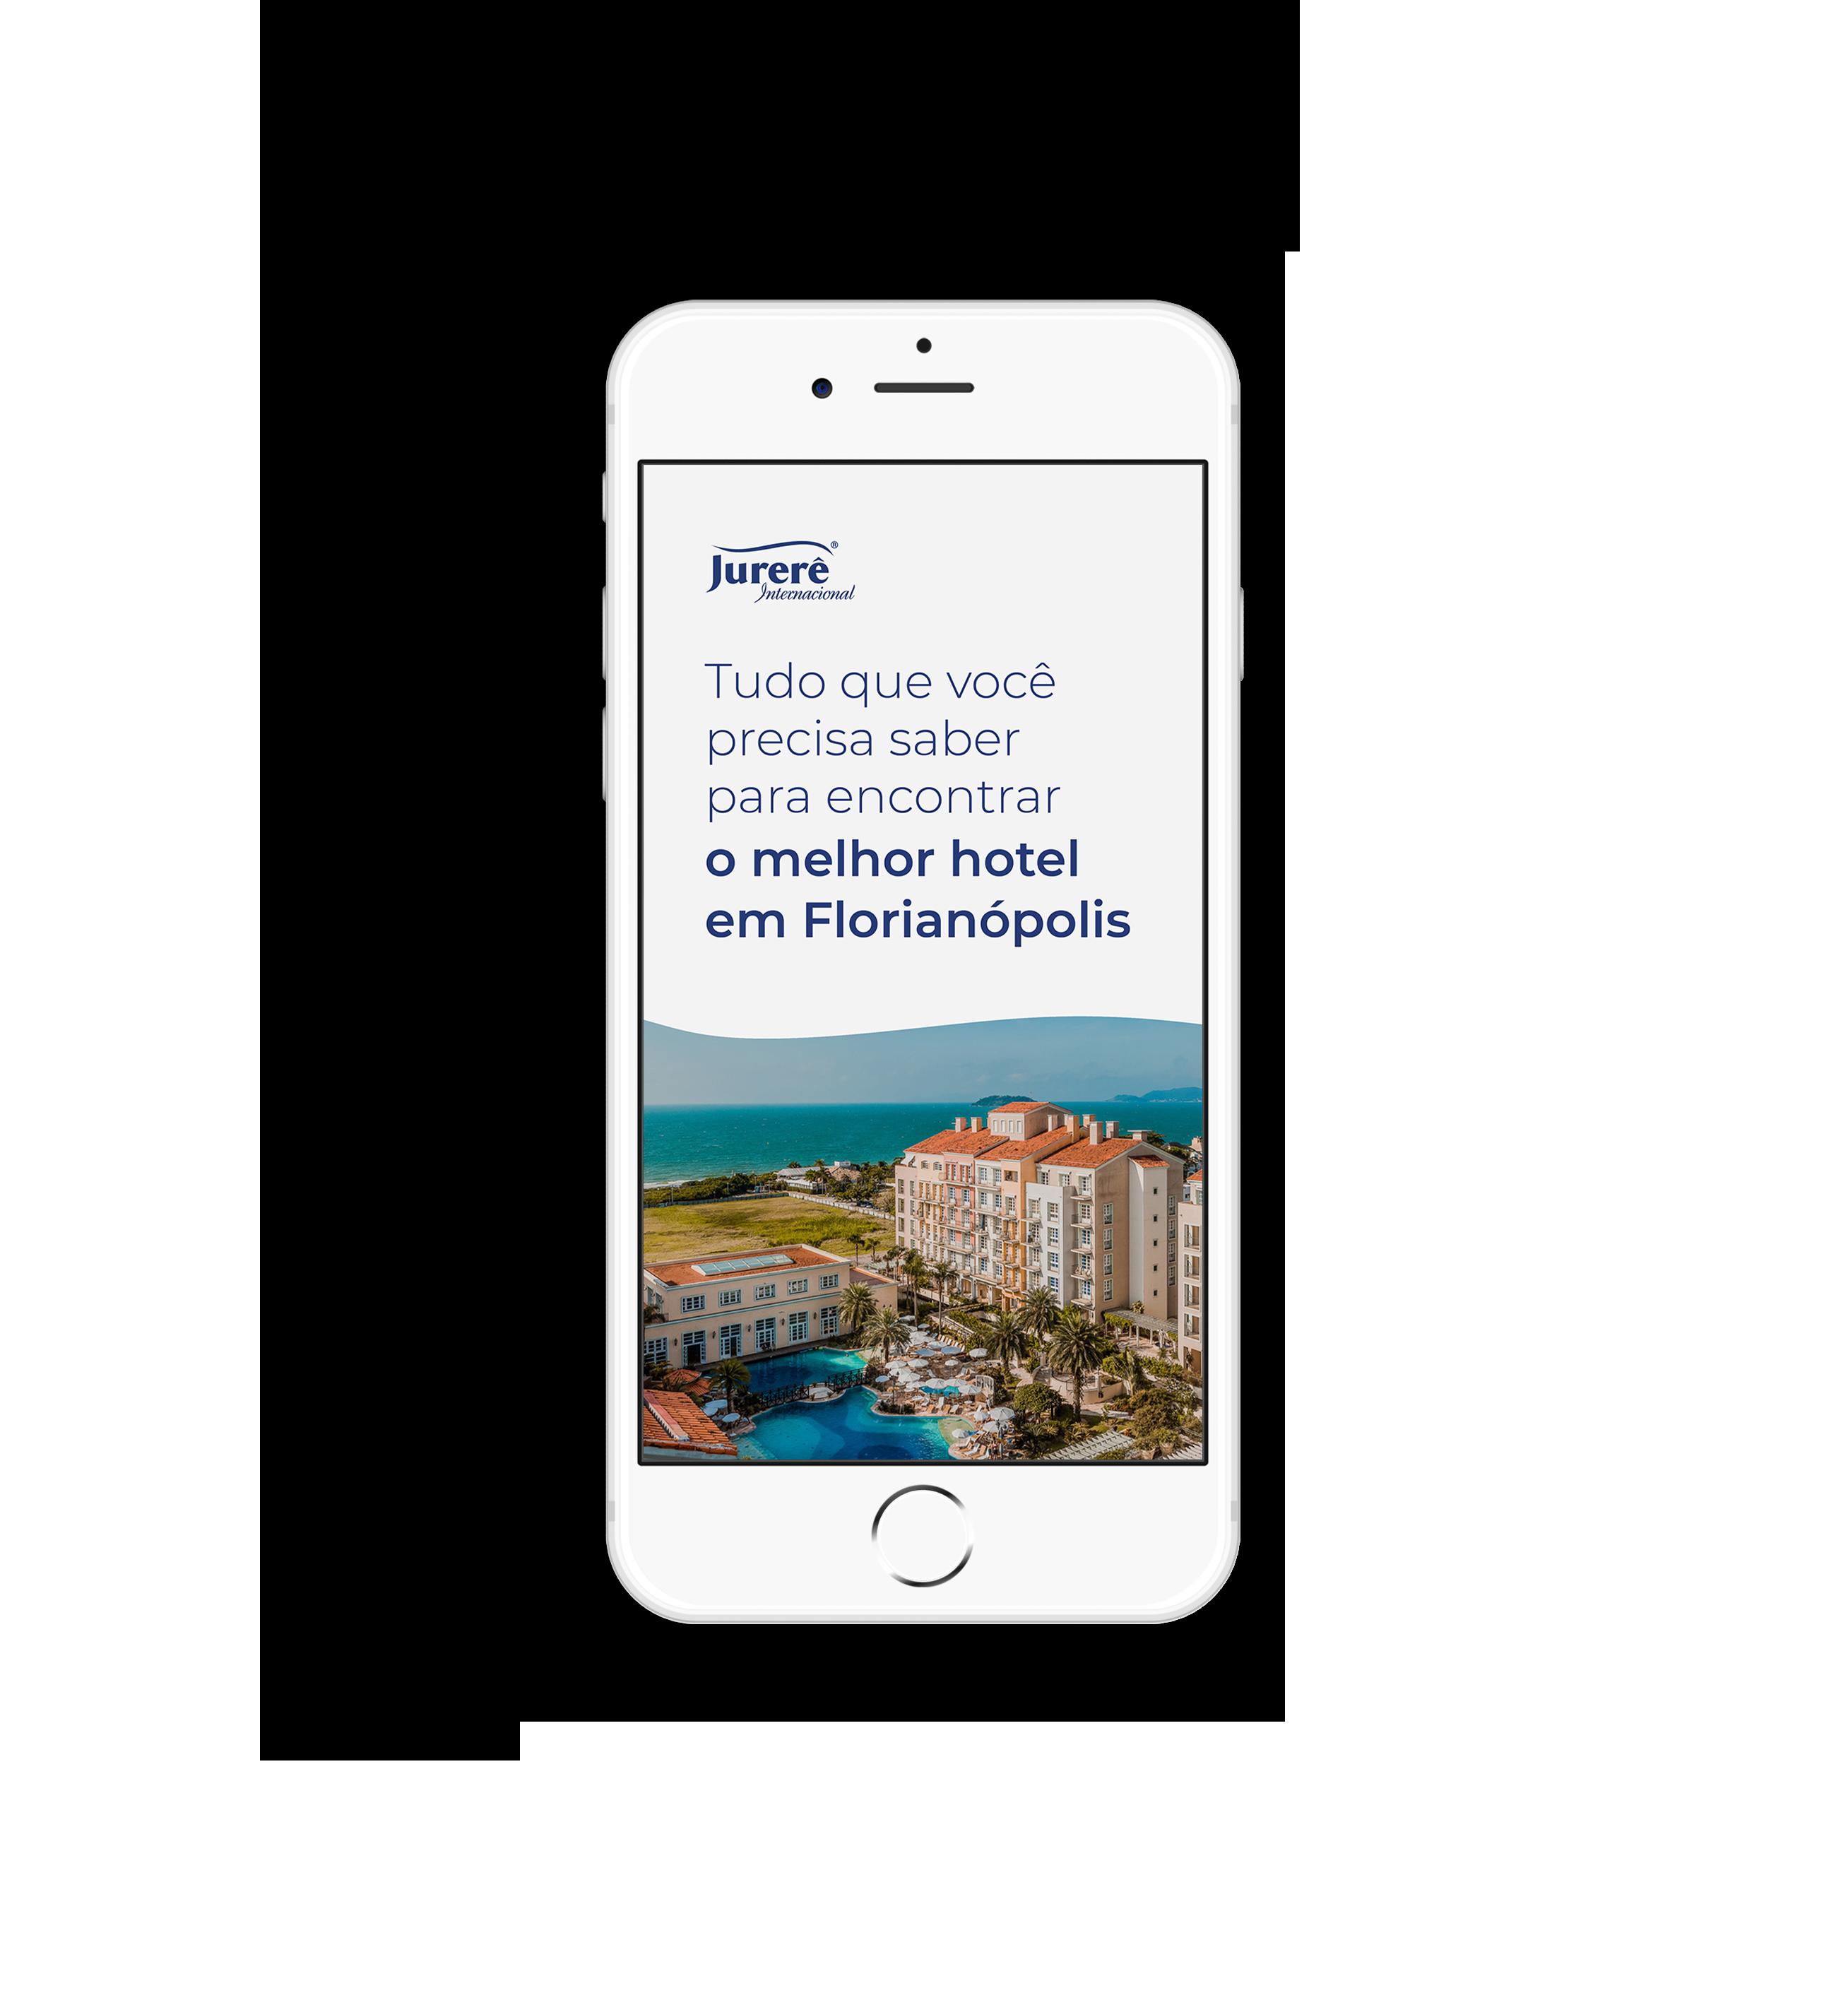 Tudo que você precisa saber para encontrar o melhor hotel em Florianópolis